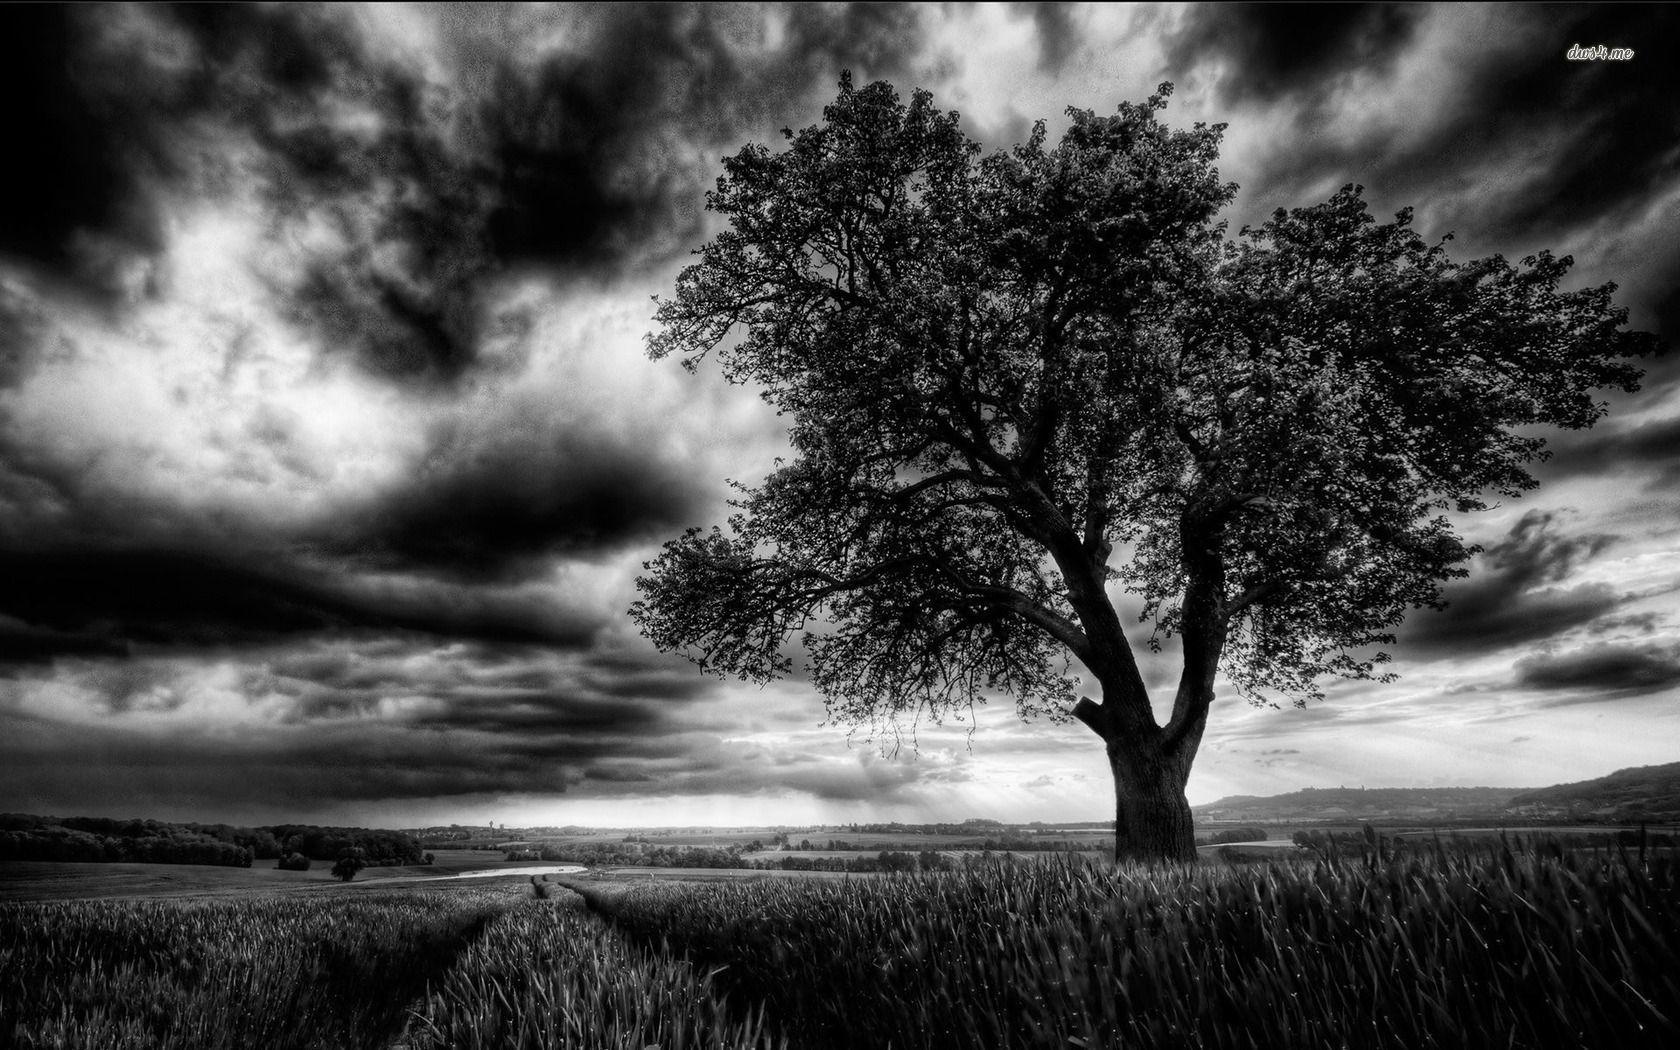 Dark Tree On The Field Hd Wallpaper Field Wallpaper Dark Tree Artistic Tree